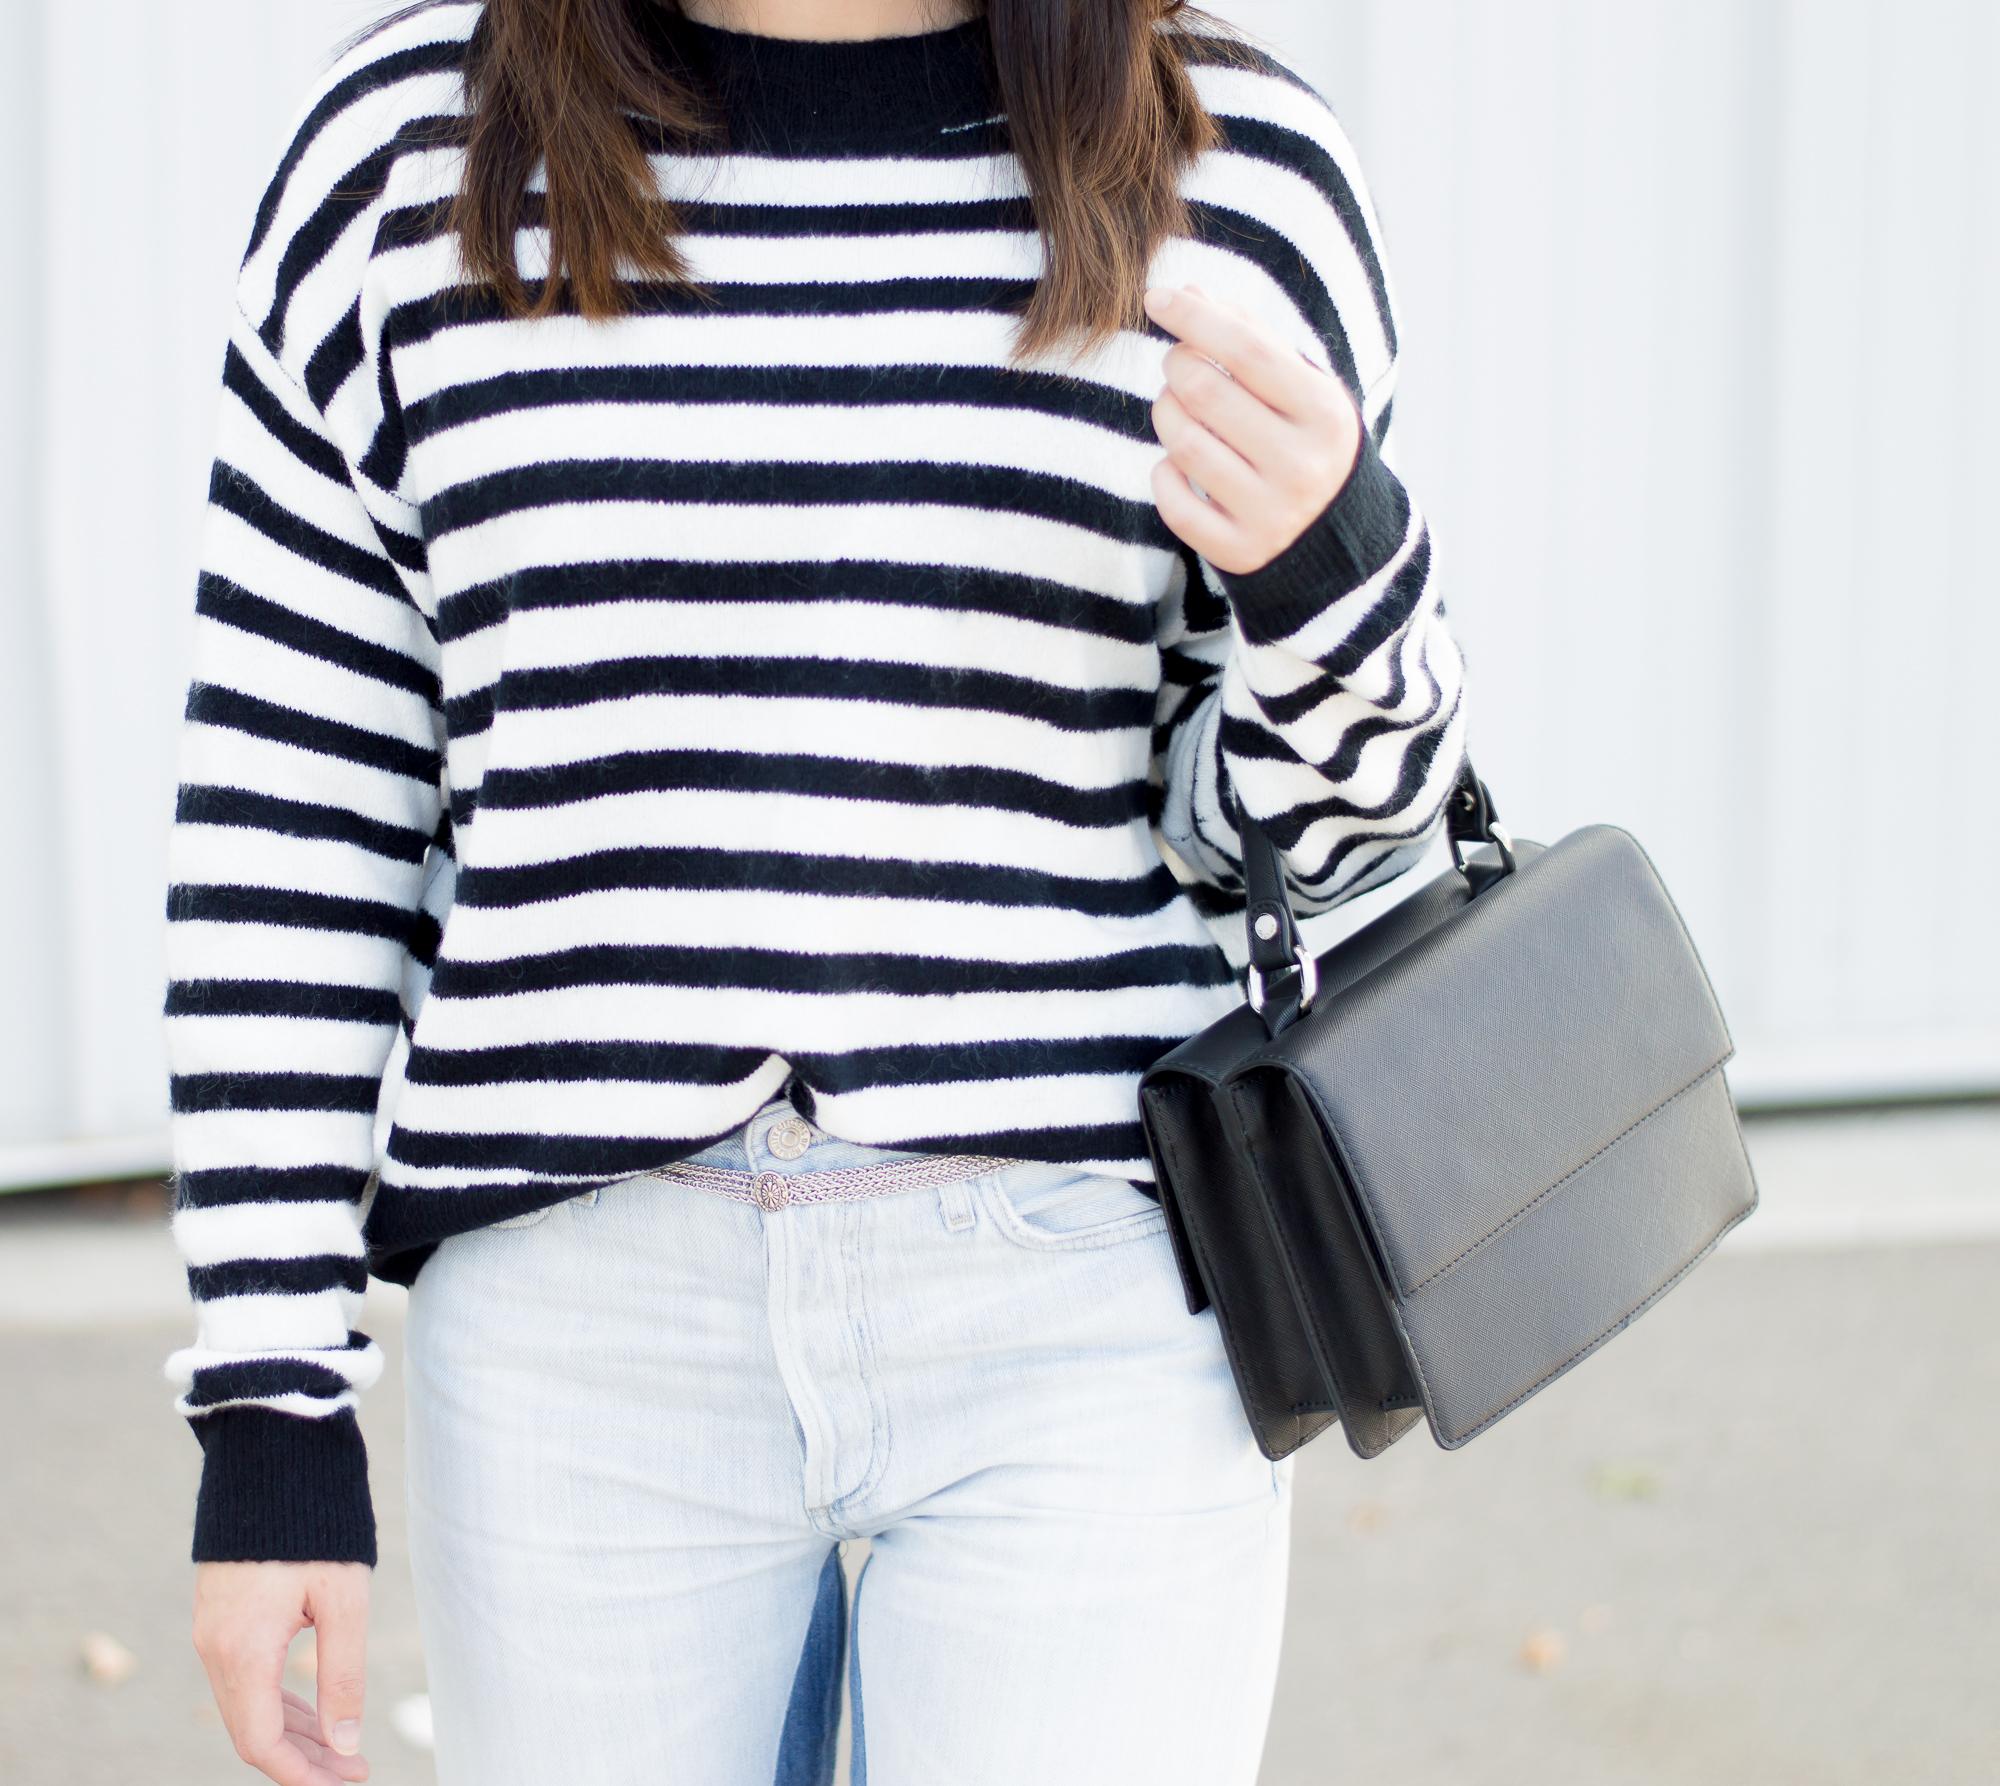 Casual Weekend Wear - HER SIMPLE SOLE